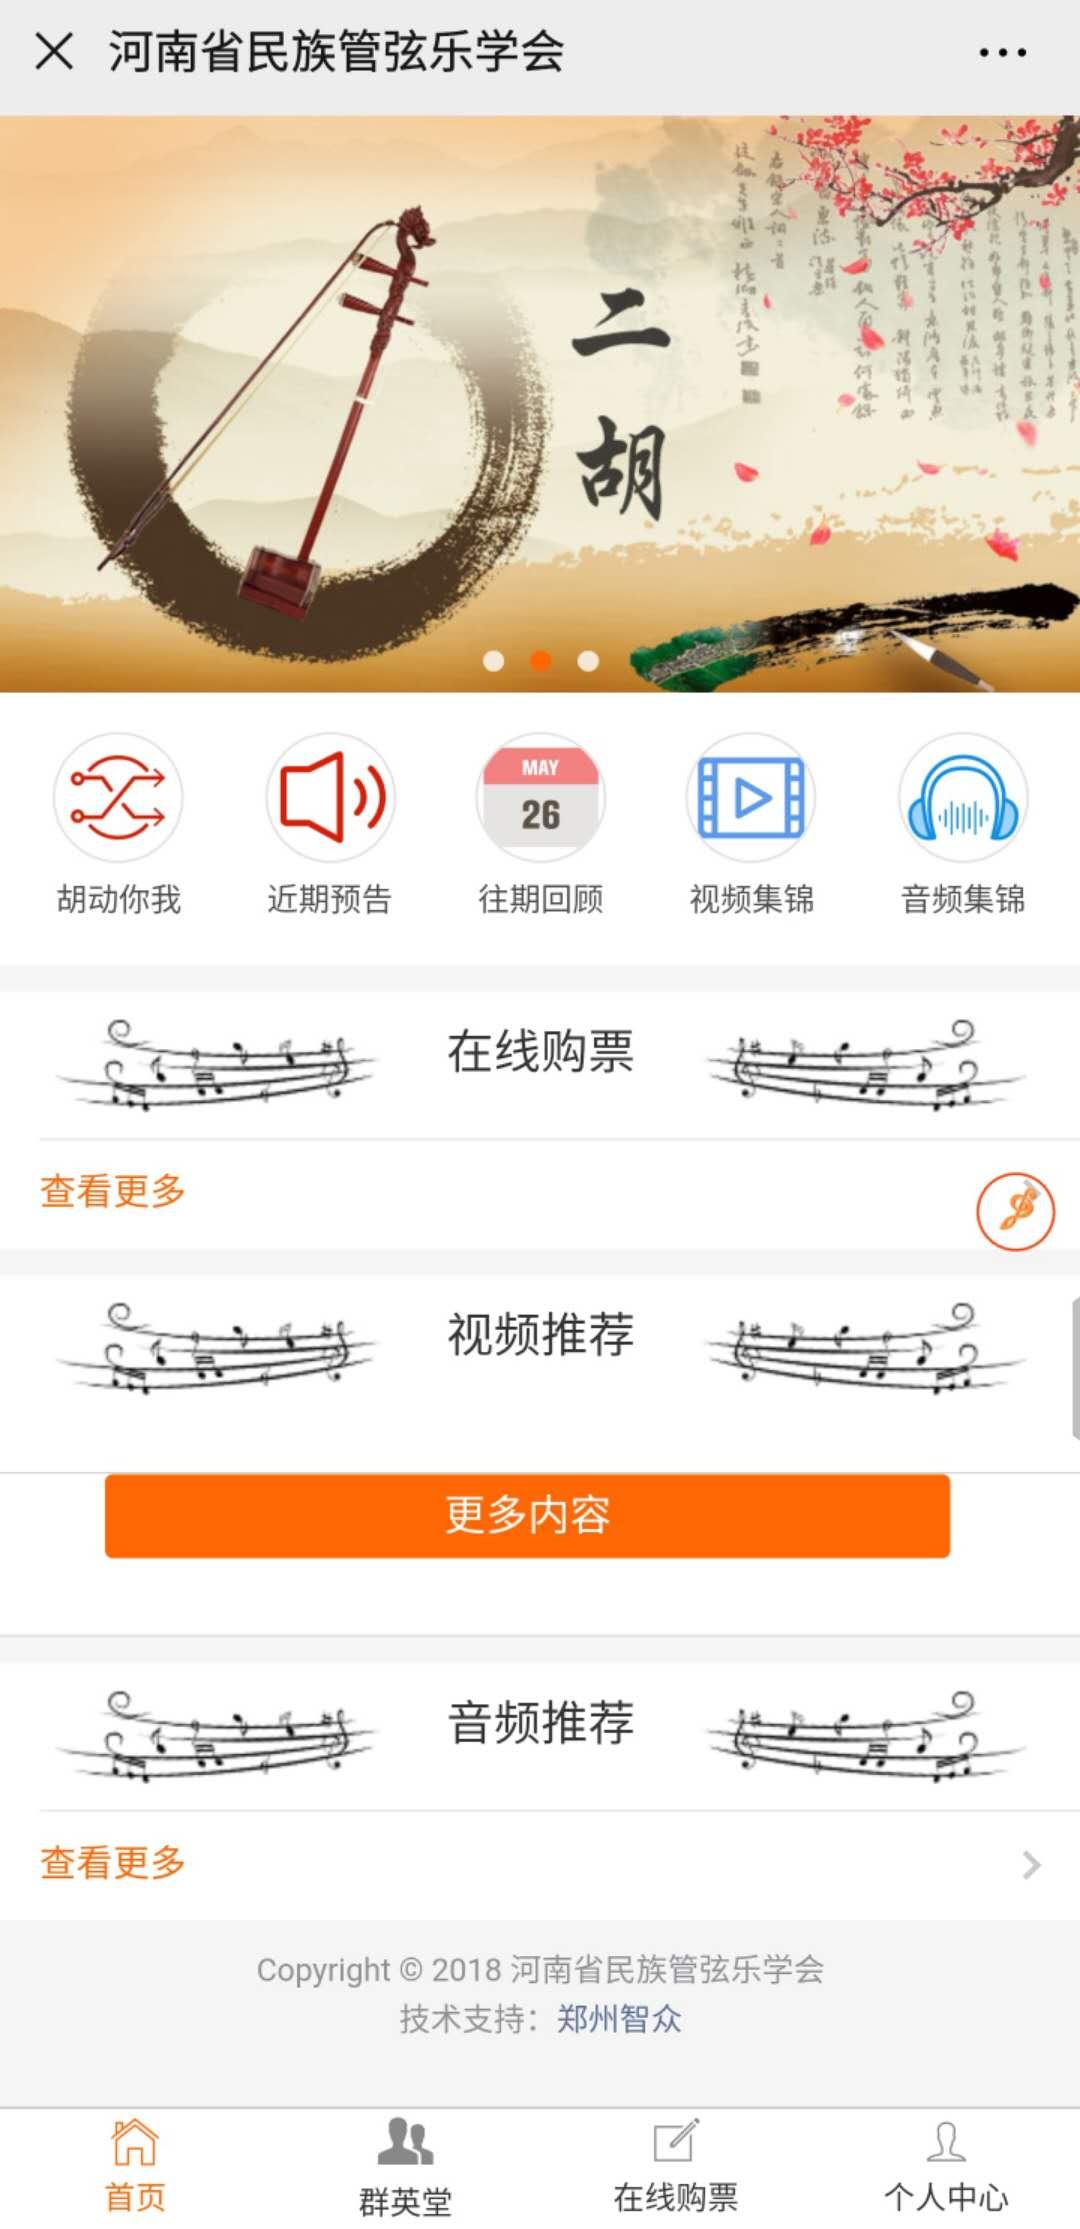 河南省民族管弦乐学会